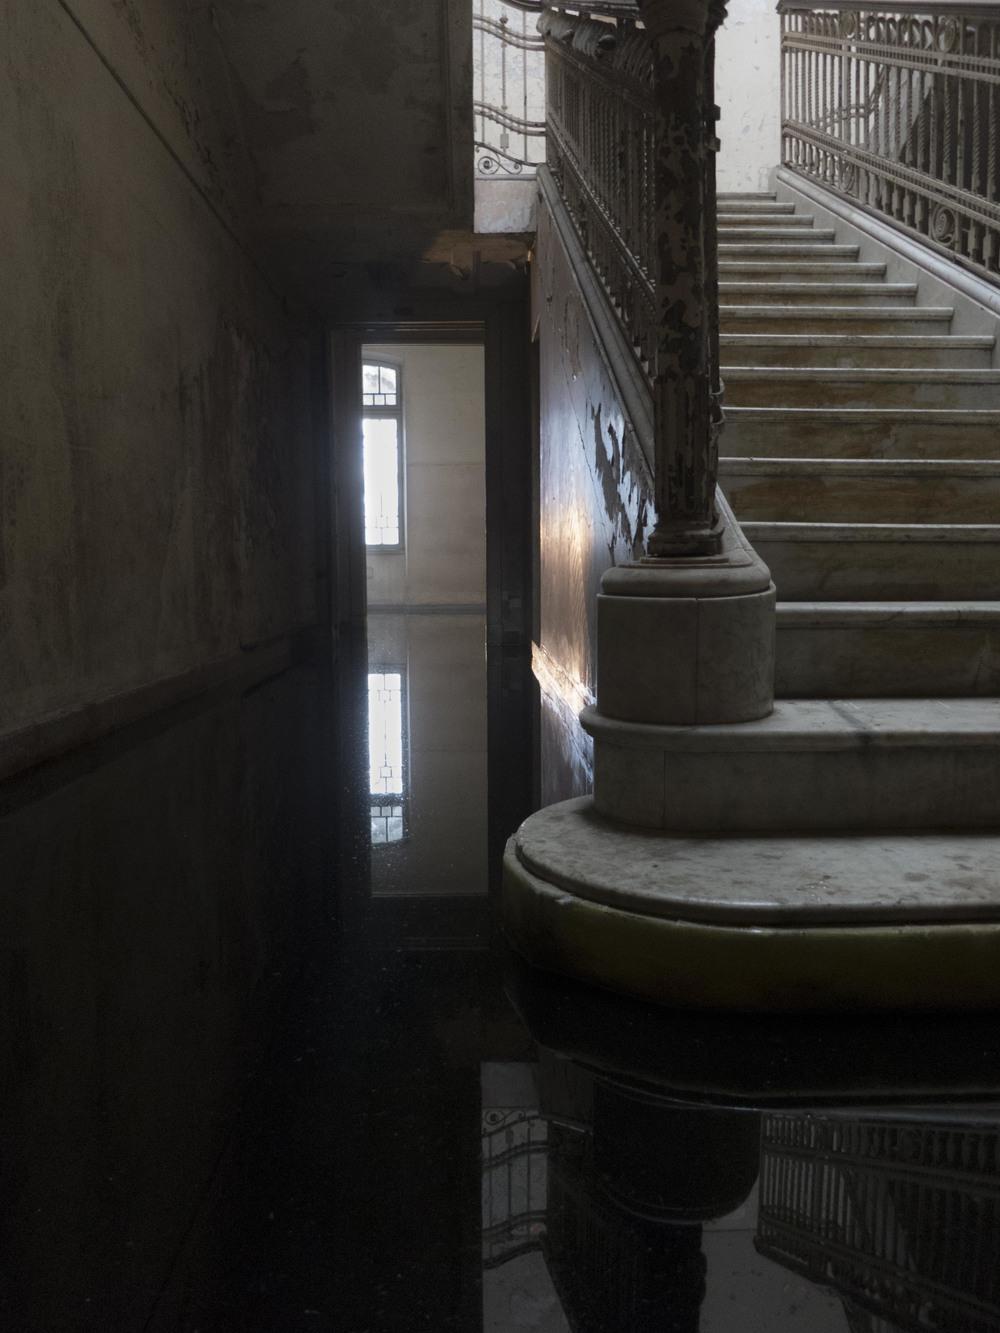 matarazzo_stairs_and_water-1816.jpg